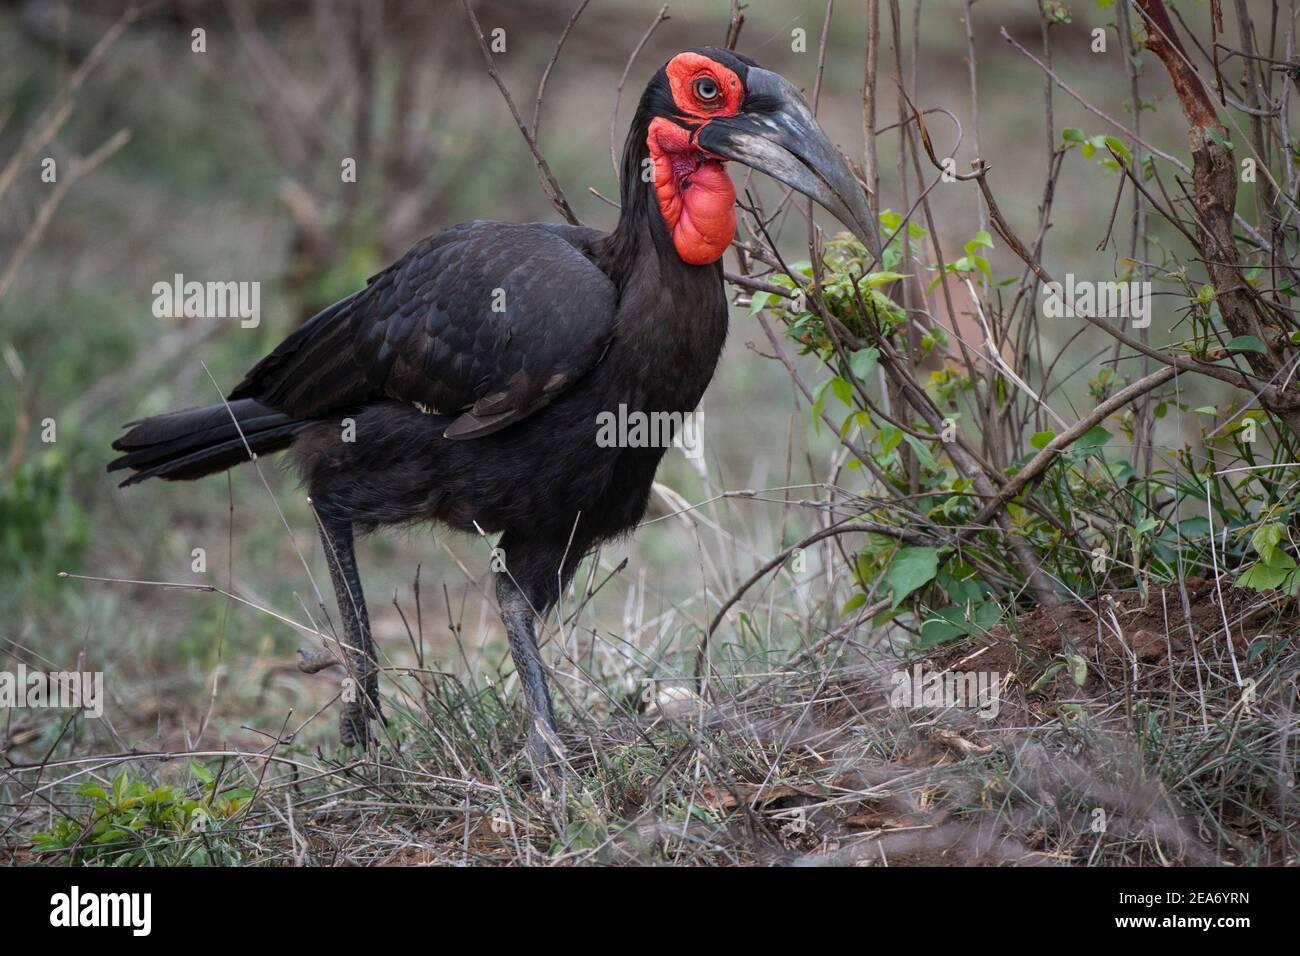 Calao terrestre du sud, Bucorvus leadbeateri, Kruger National Park, Afrique du Sud Banque D'Images